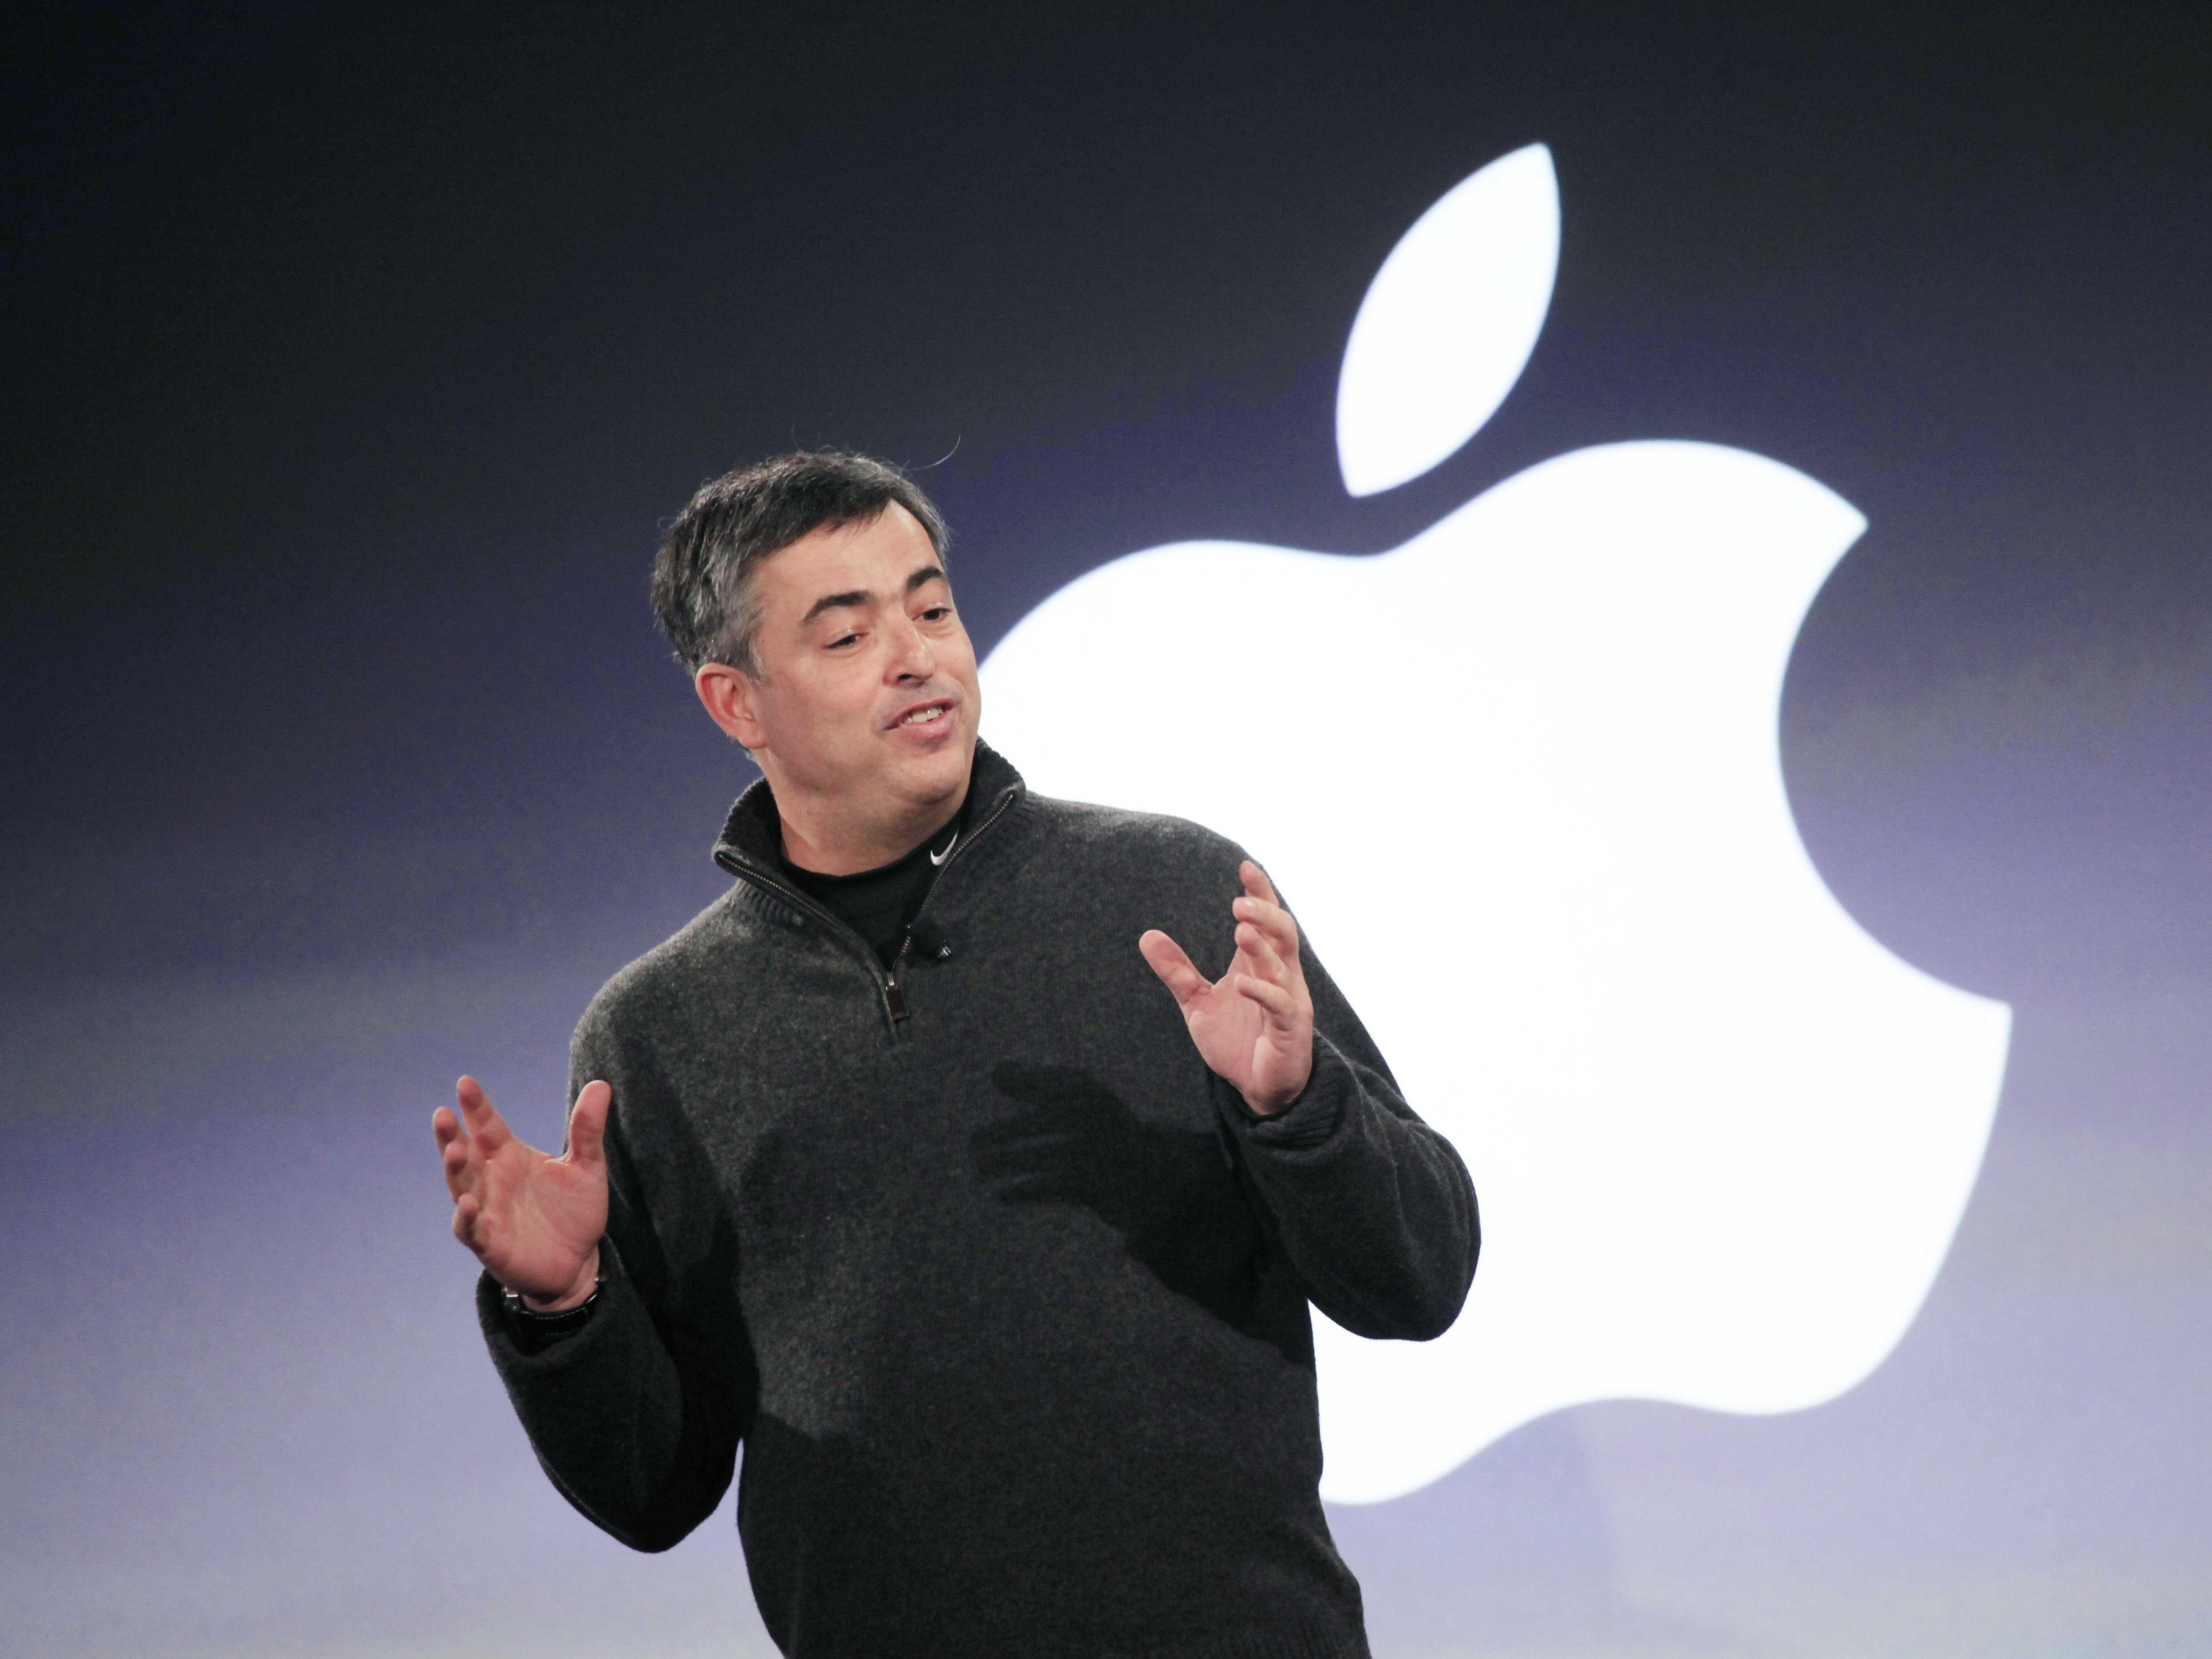 10 Milliarden US-Dollar Umsatz für 2013 im App Store.